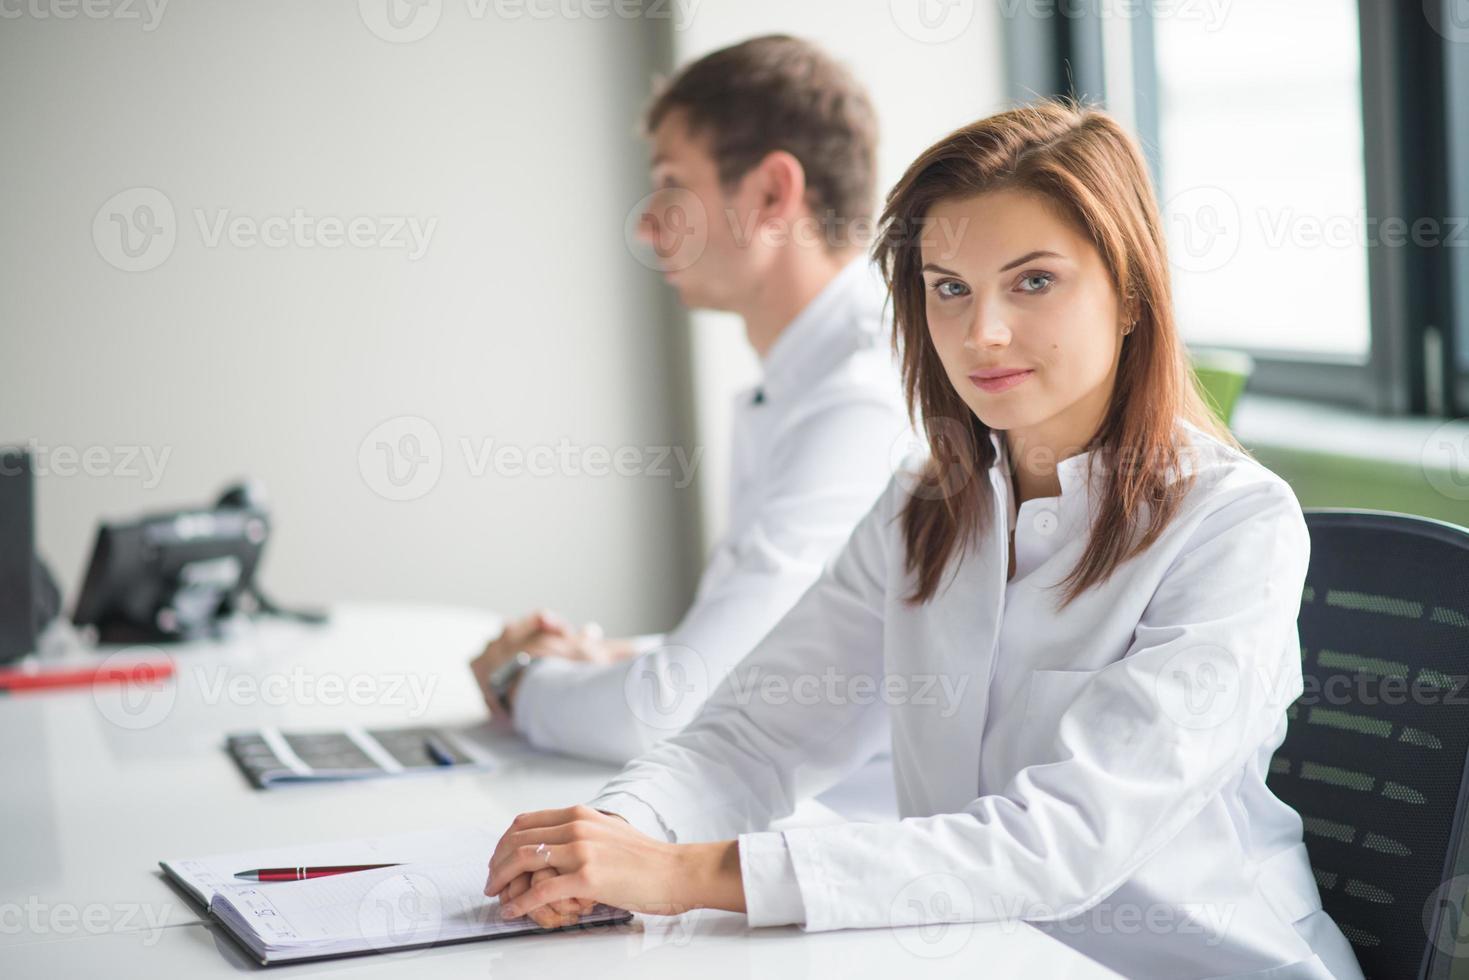 consultazione medica con due medici foto